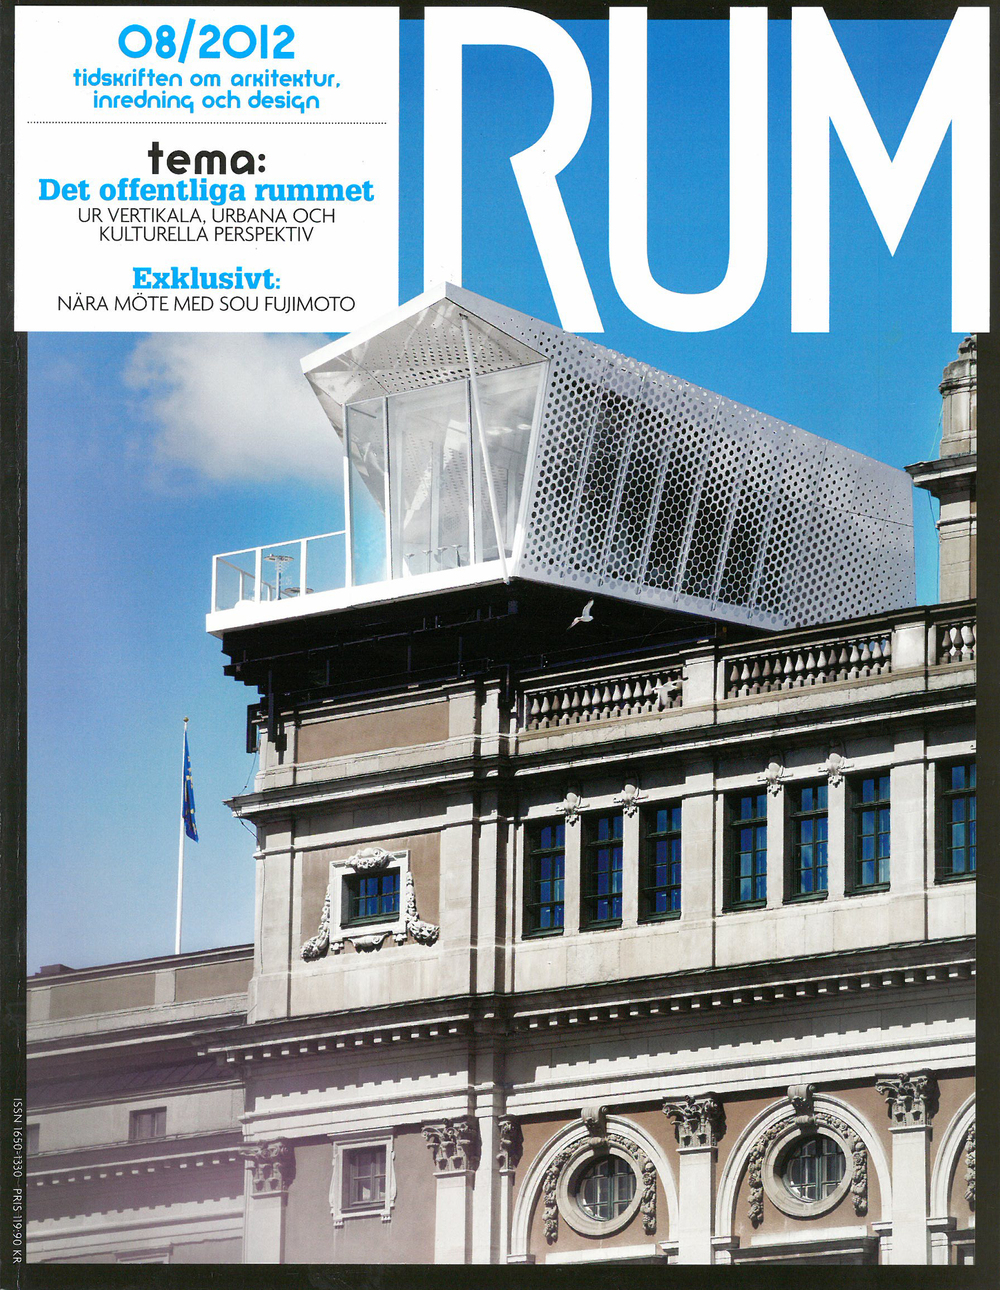 rum_08.12_cover.jpg